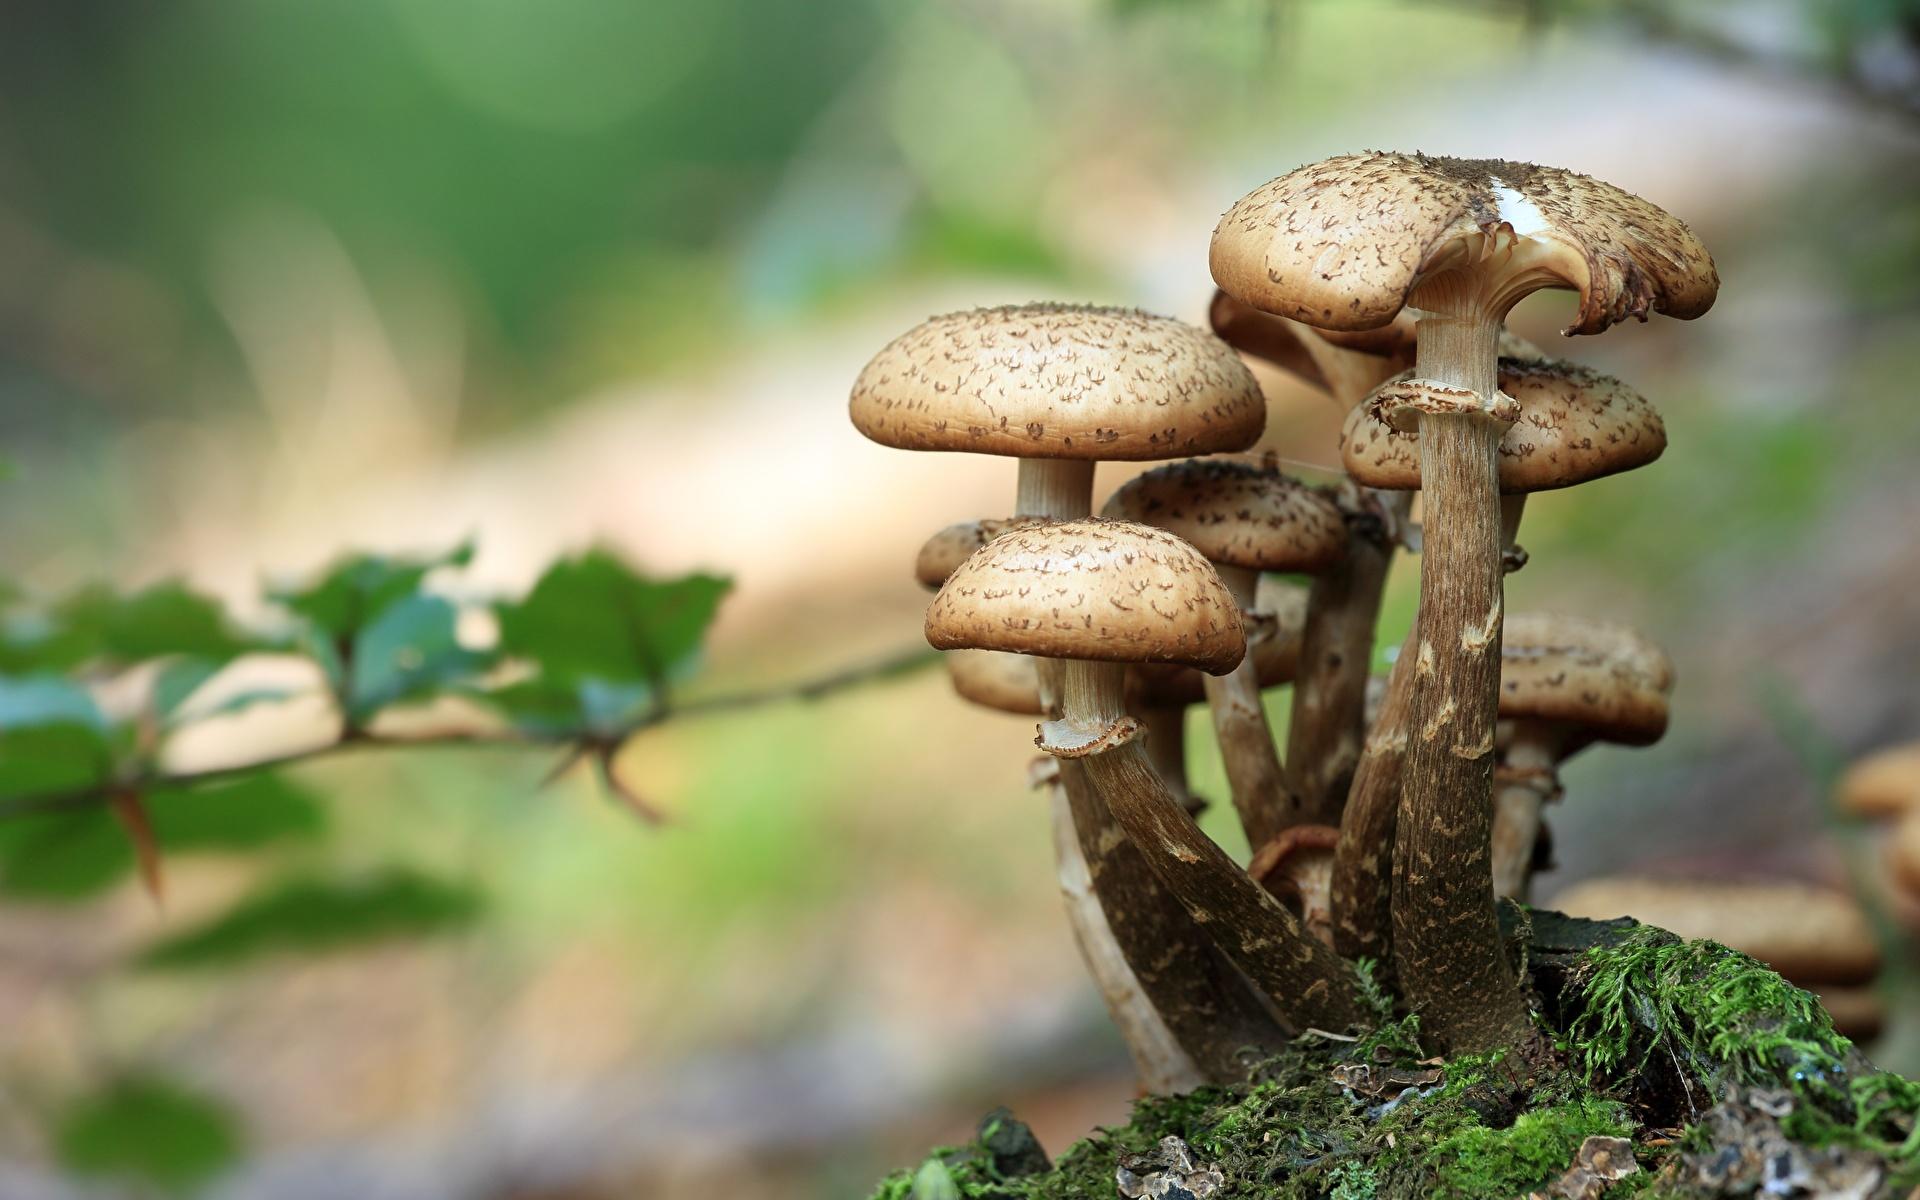 Bilder von Bokeh Natur Pilze Natur Großansicht 1920x1200 unscharfer Hintergrund hautnah Nahaufnahme